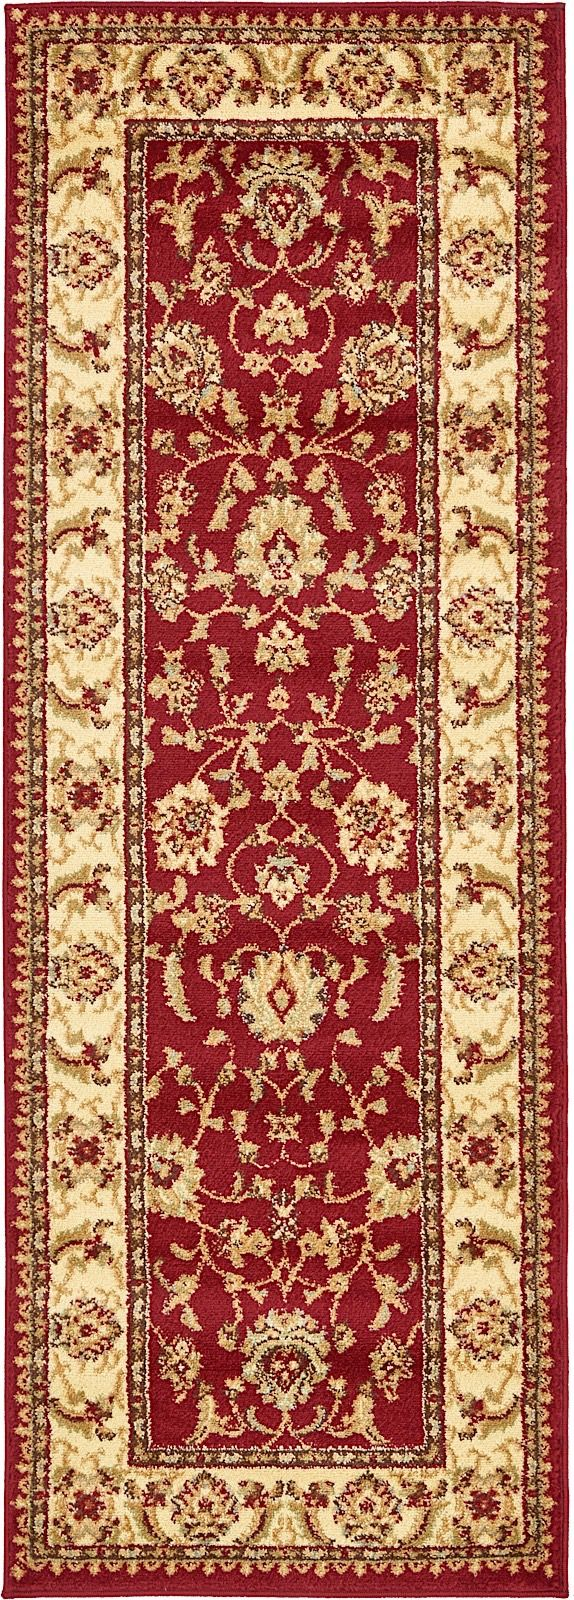 unique loom voyage traditional area rug collection